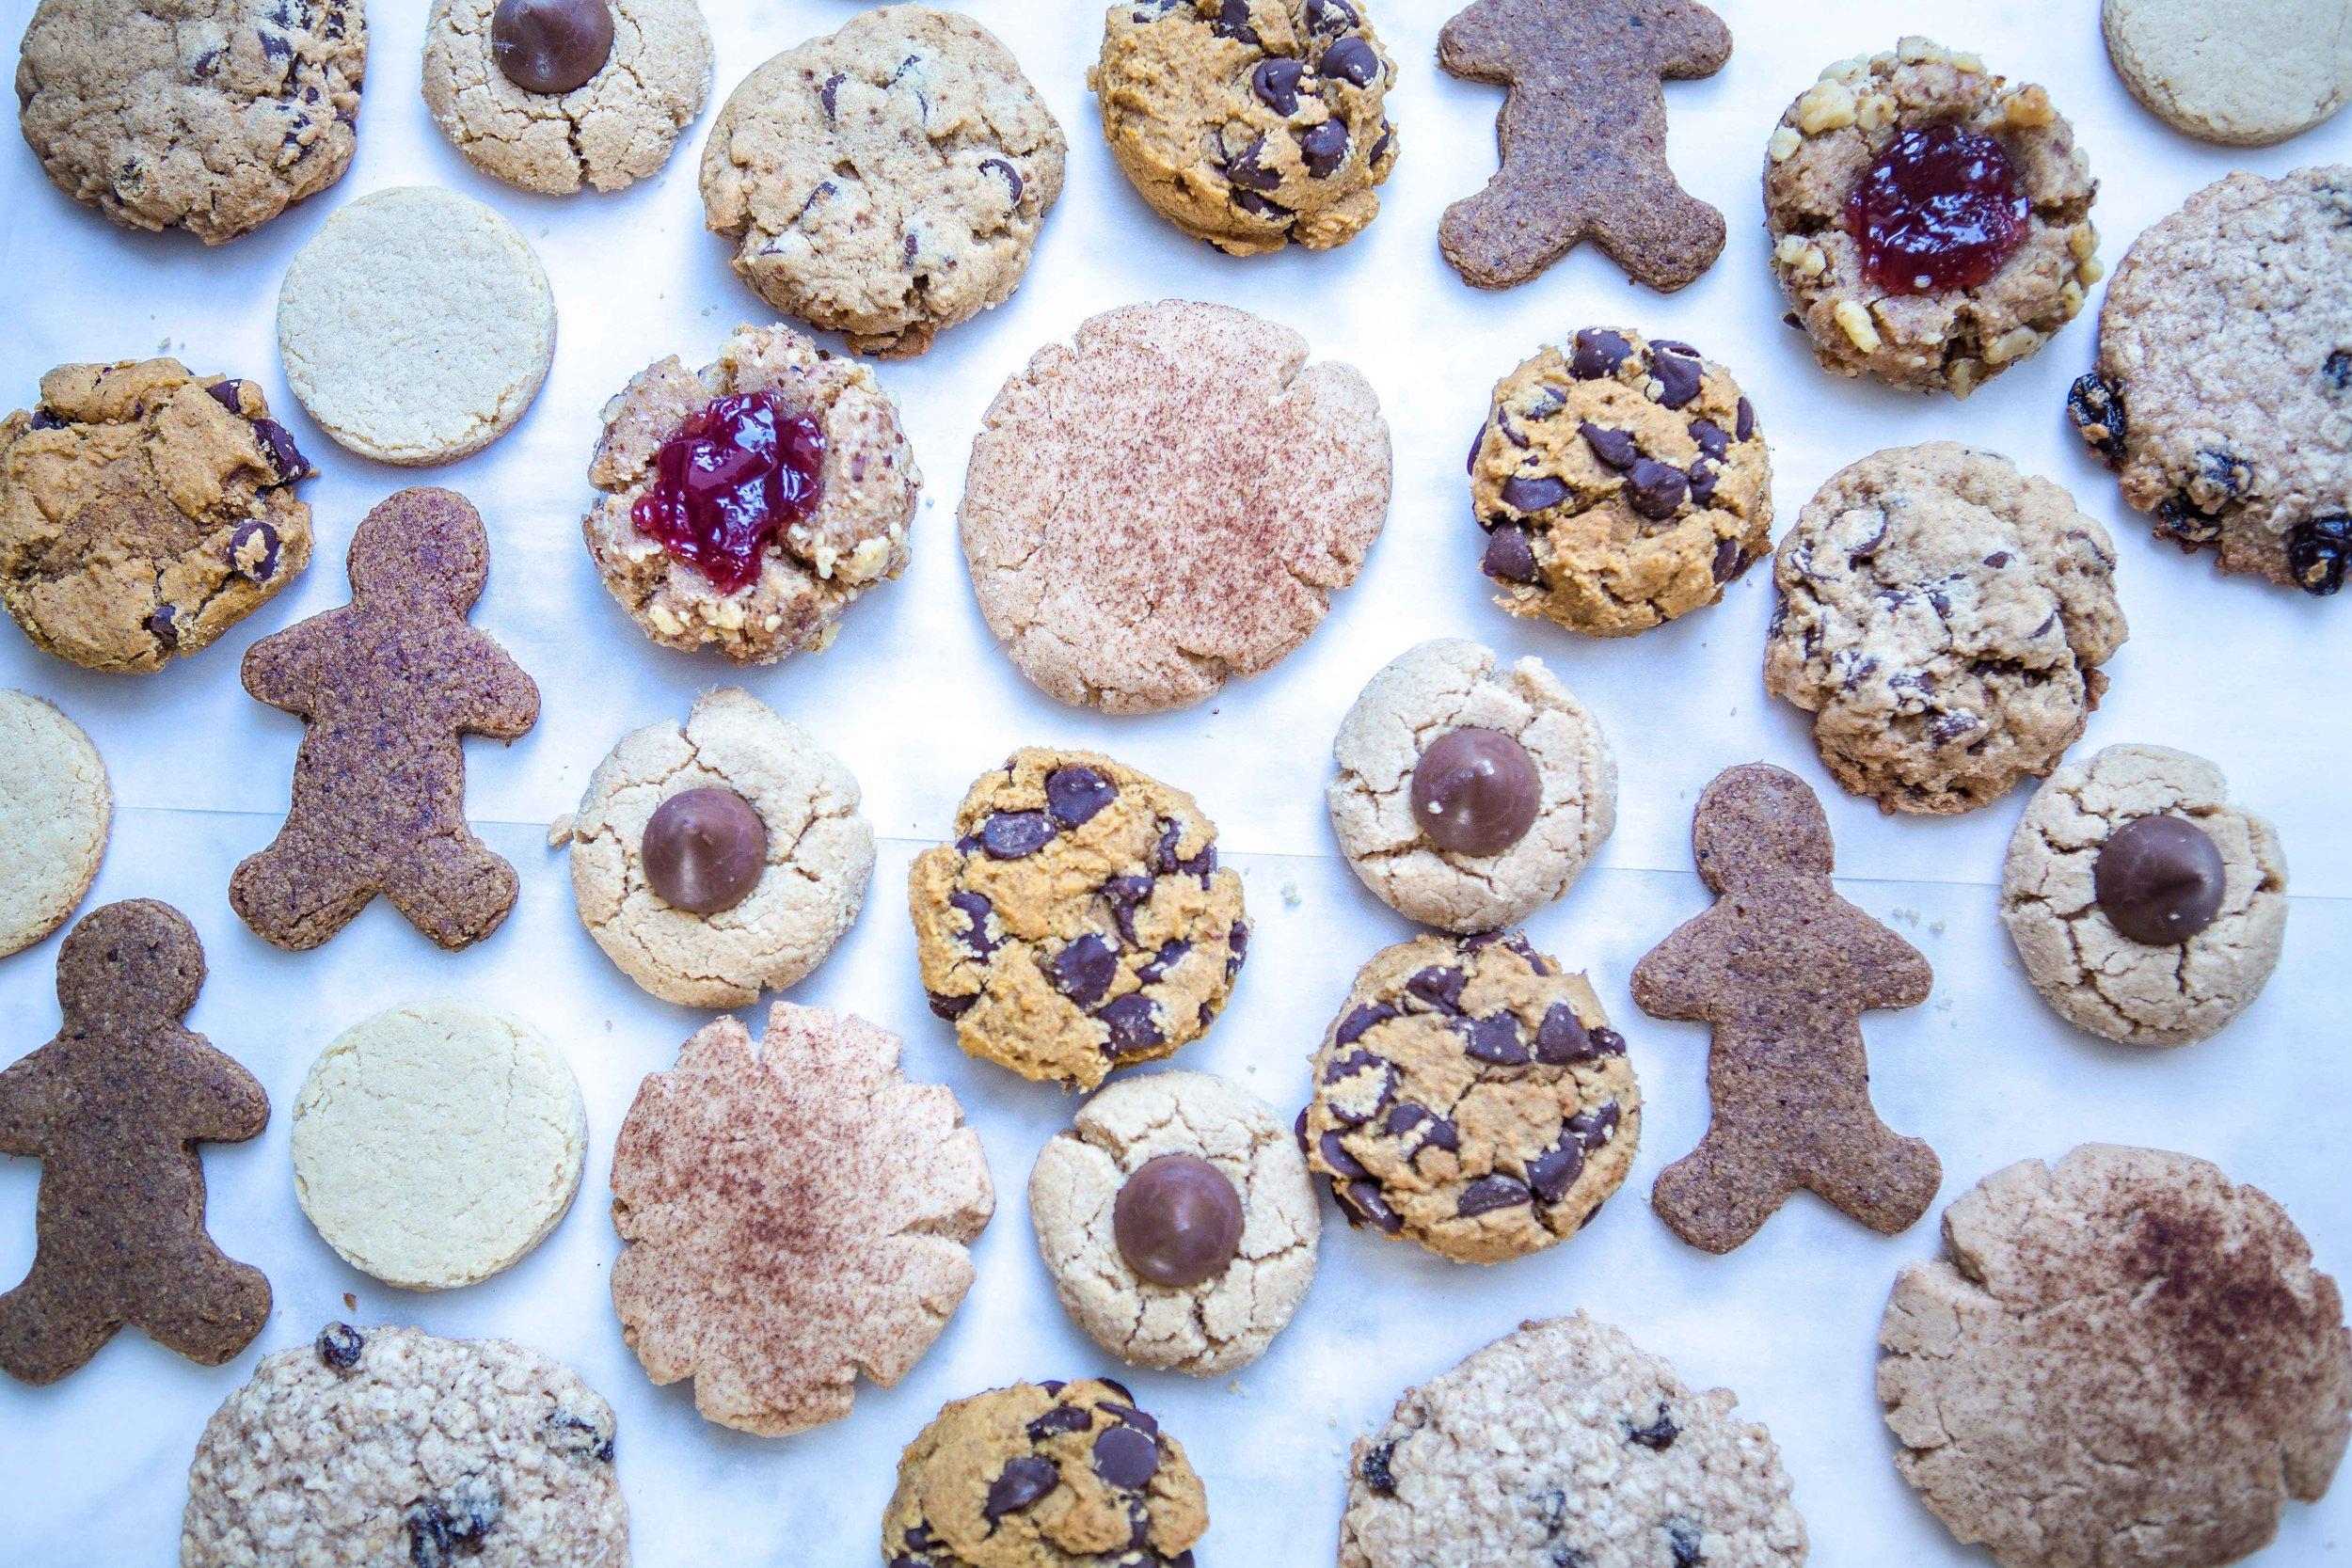 Cookies 8 flavors (photo 2).jpg